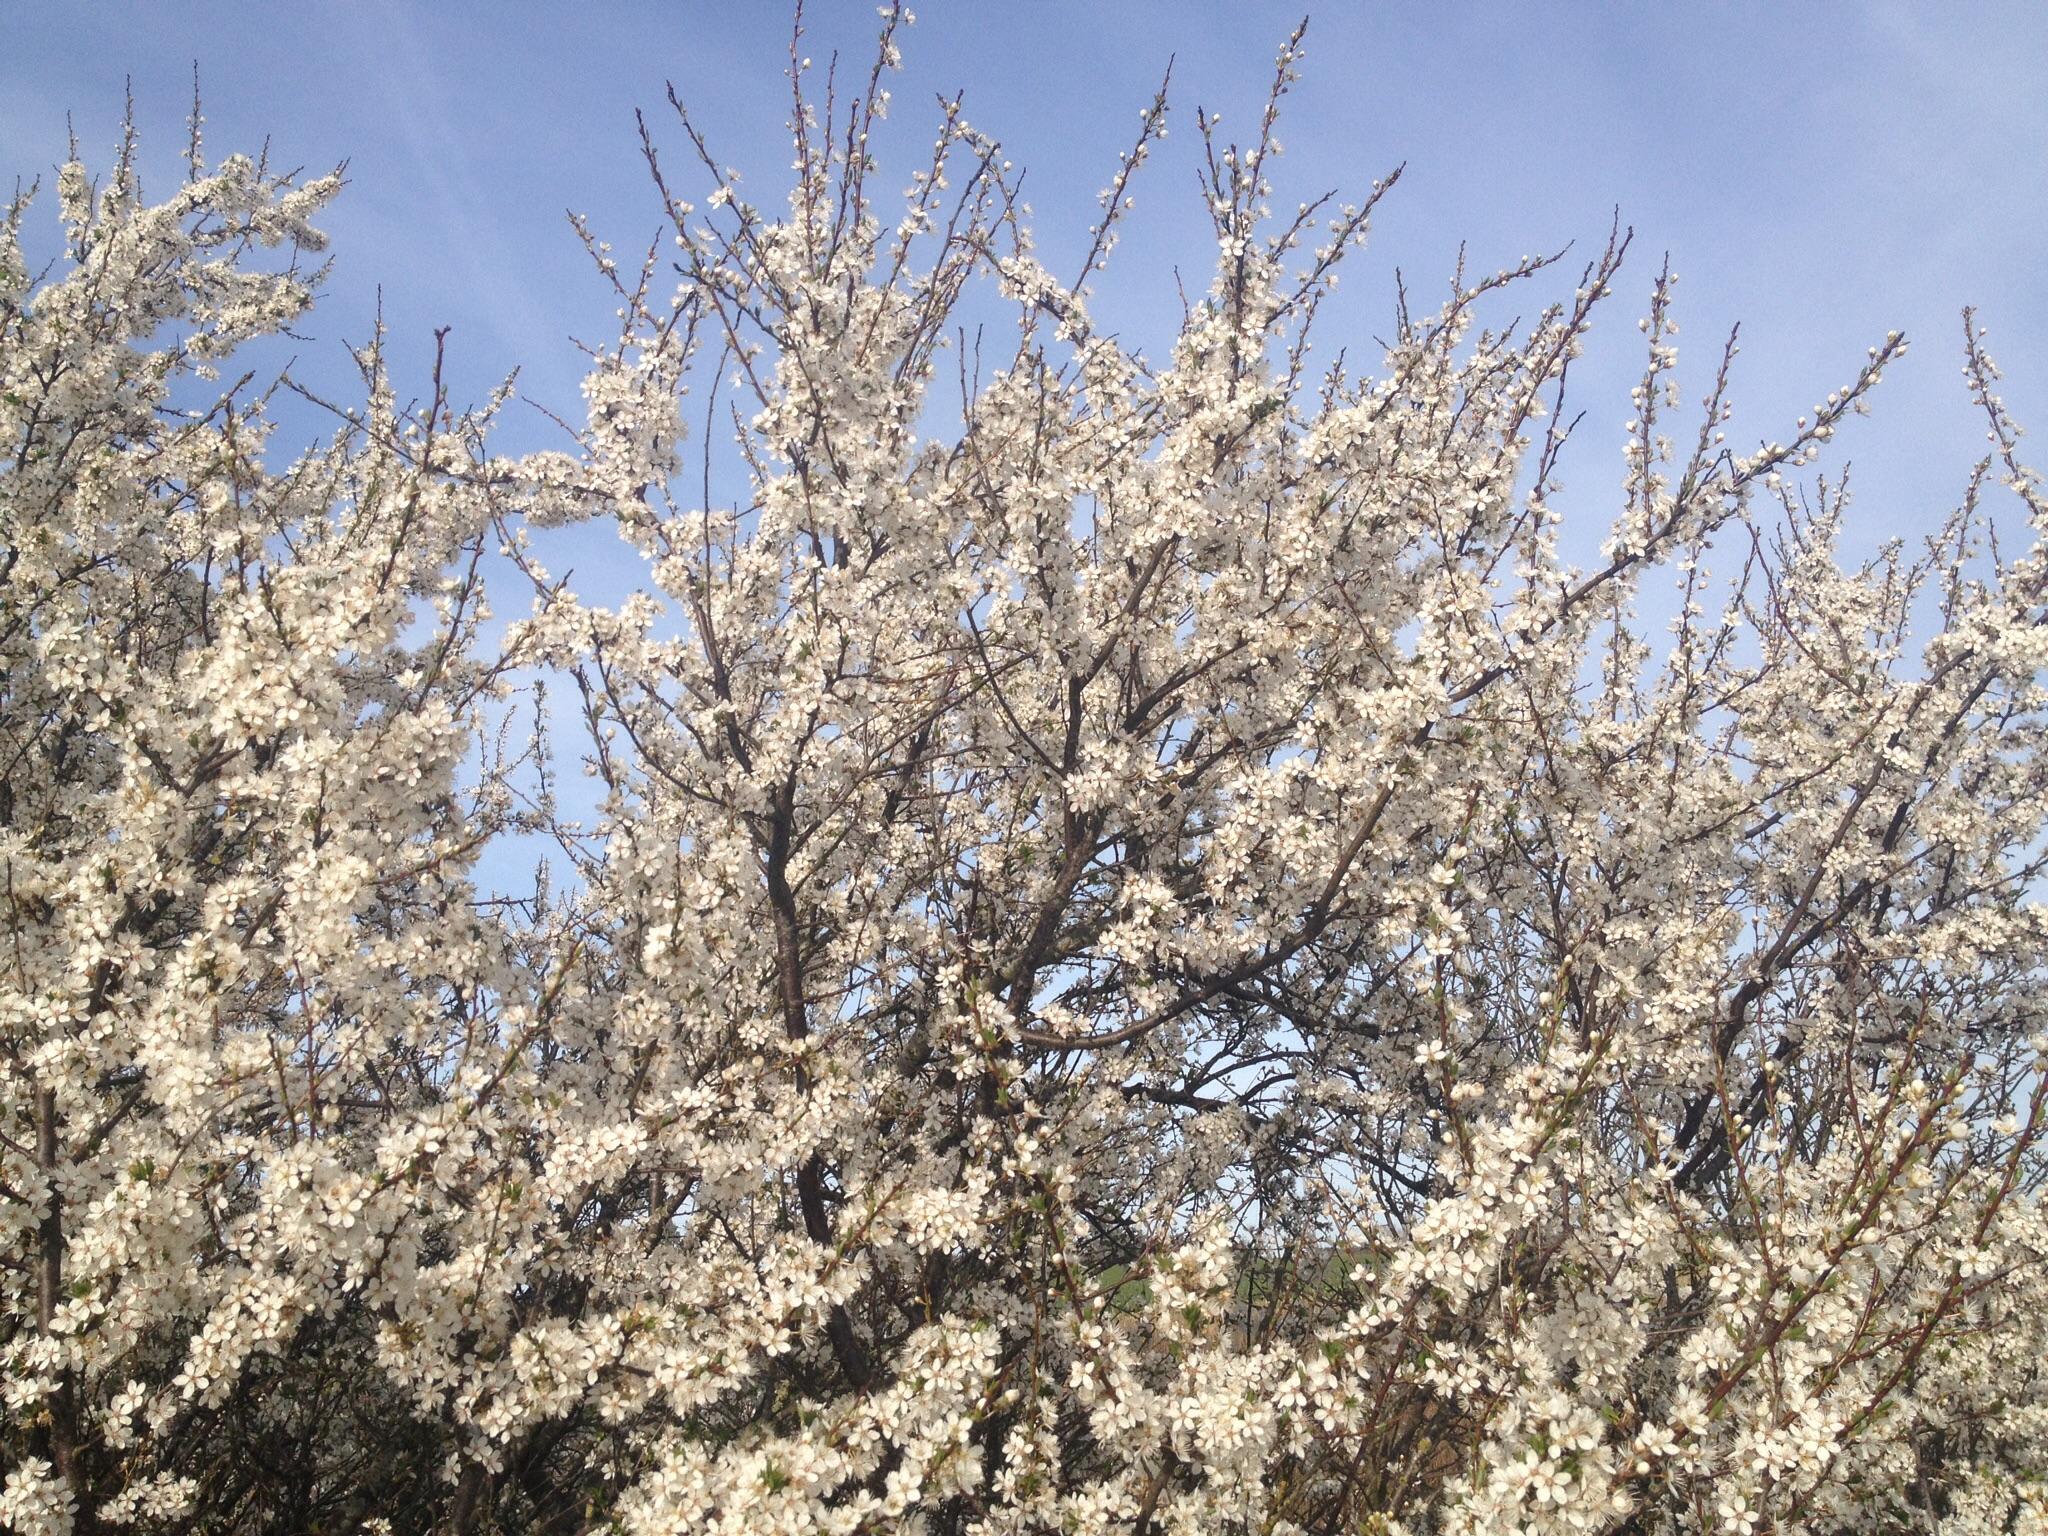 Forår i Danmark